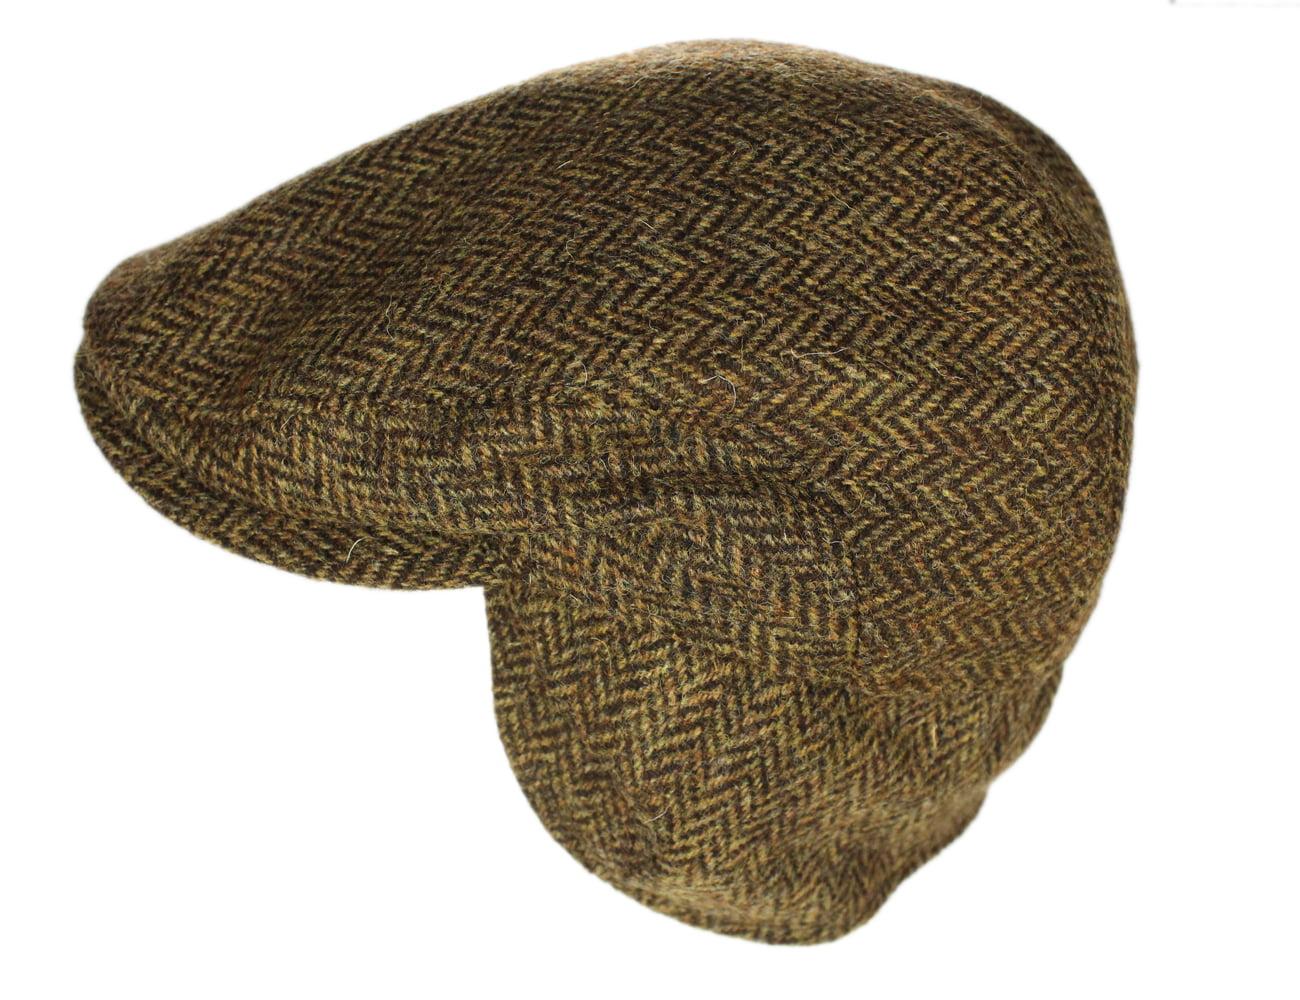 Irish Flap Cap 100% Tweed Warm Wool Ear Flap Cap Made in Ireland ... 6a70154ee59